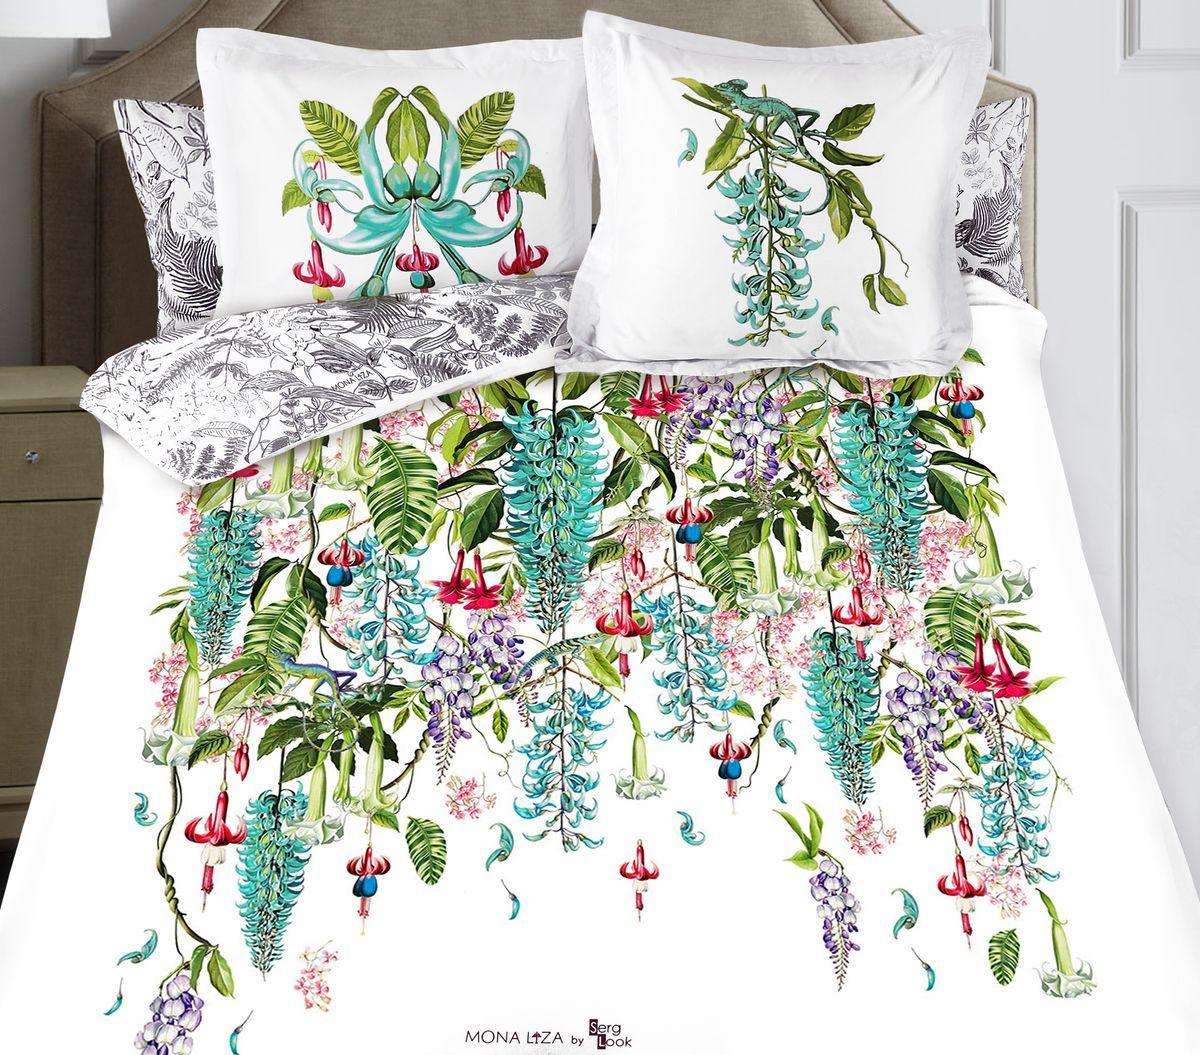 Комплект белья Mona Liza Jade, 2-спальное, наволочки 50x70 и 70x708/6Флоральные мотивы редких экзотических цветов, переведенные в паттерн, позаимствованы из путешествий по тропическим лесам, будоражат воображение природными сочетаниями цветовых палитр и роскошью принтов. Коллекция принесет в ваш дом незабываемое настроение и добавит колорит. Высококачественный сатин окутает и позволит раствориться в мечтах о дальних жарких странах и окунуться во время вечного лета!